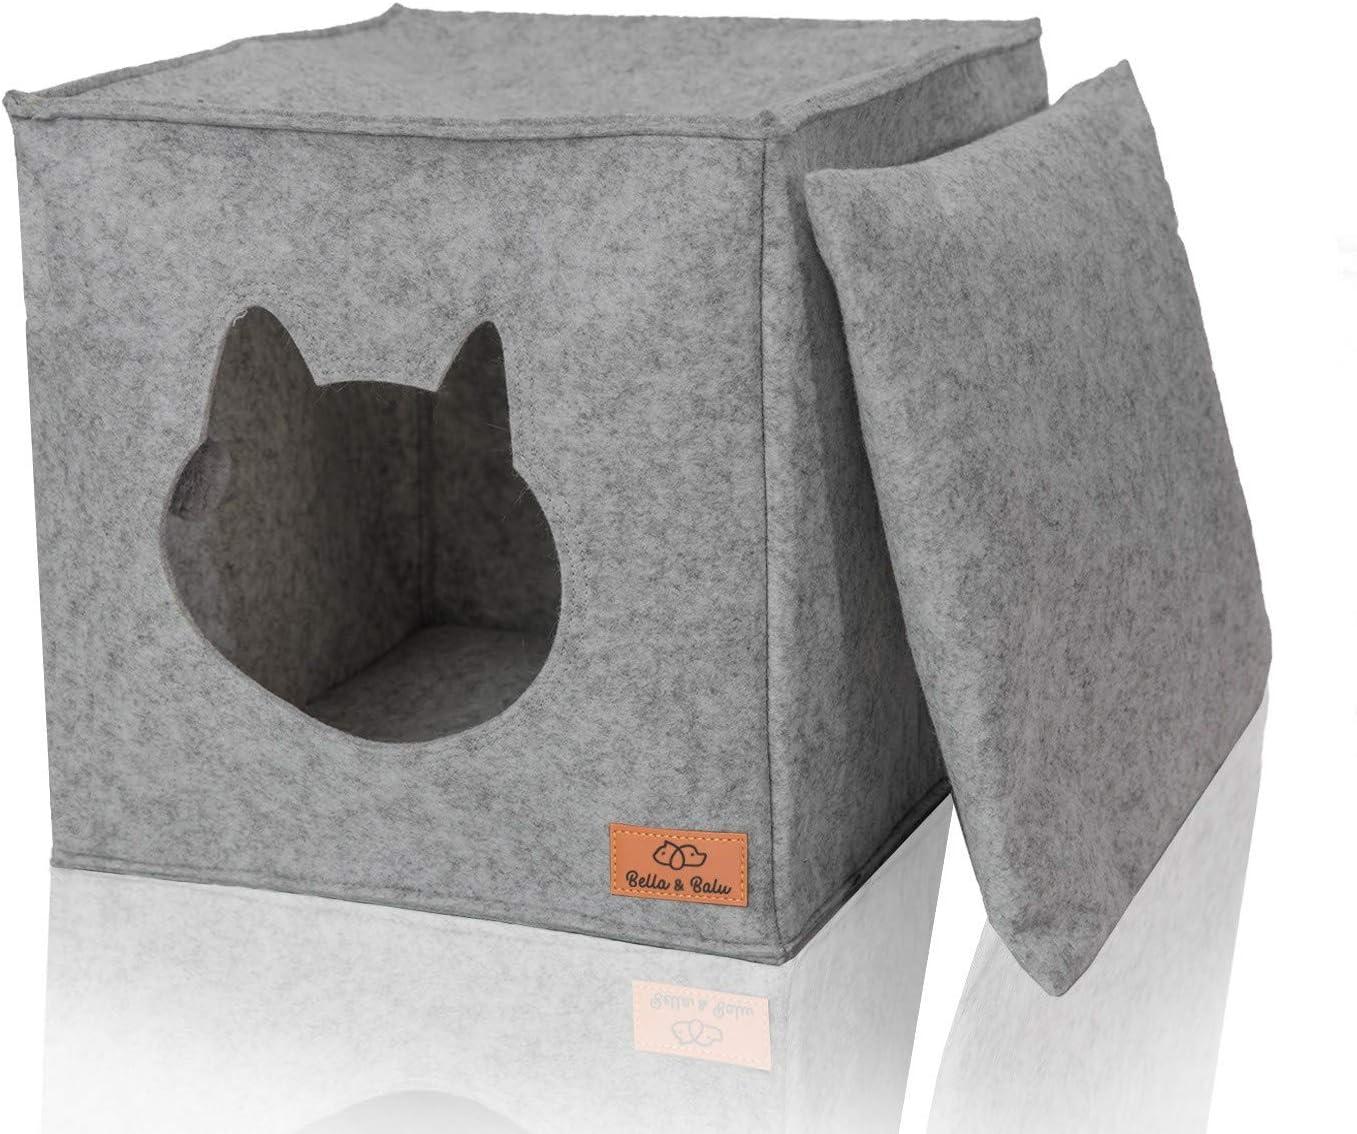 Bella & Balu Casa para Gatos | Cueva para Gatos Perros- Guarida Plegable para Gato, para Que duerma, se esconda, rasque y mordisquee (Gris Claro)